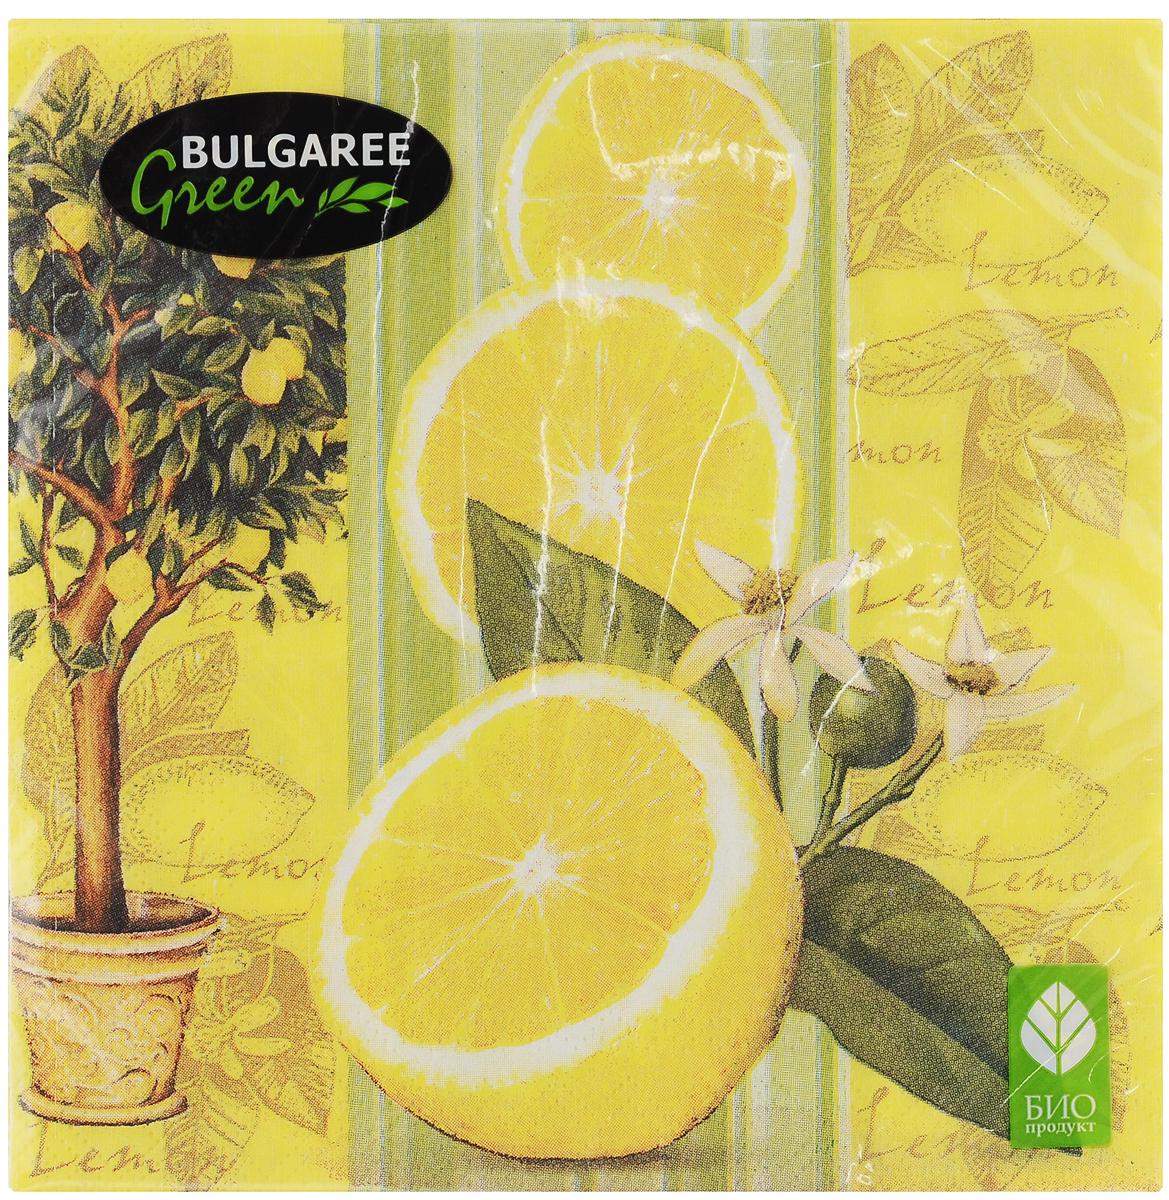 Салфетки бумажные Bulgaree Green Лимон, трехслойные, 33 х 33 см, 20 шт1002016Трехслойные салфетки Bulgaree Green Лимон выполнены из 100% целлюлозы и оформлены красивым рисунком. Изделия станут отличным дополнением любого праздничного стола. Они отличаются необычной мягкостью, прочностью и оригинальностью. Размер салфеток в развернутом виде: 33 х 33 см.